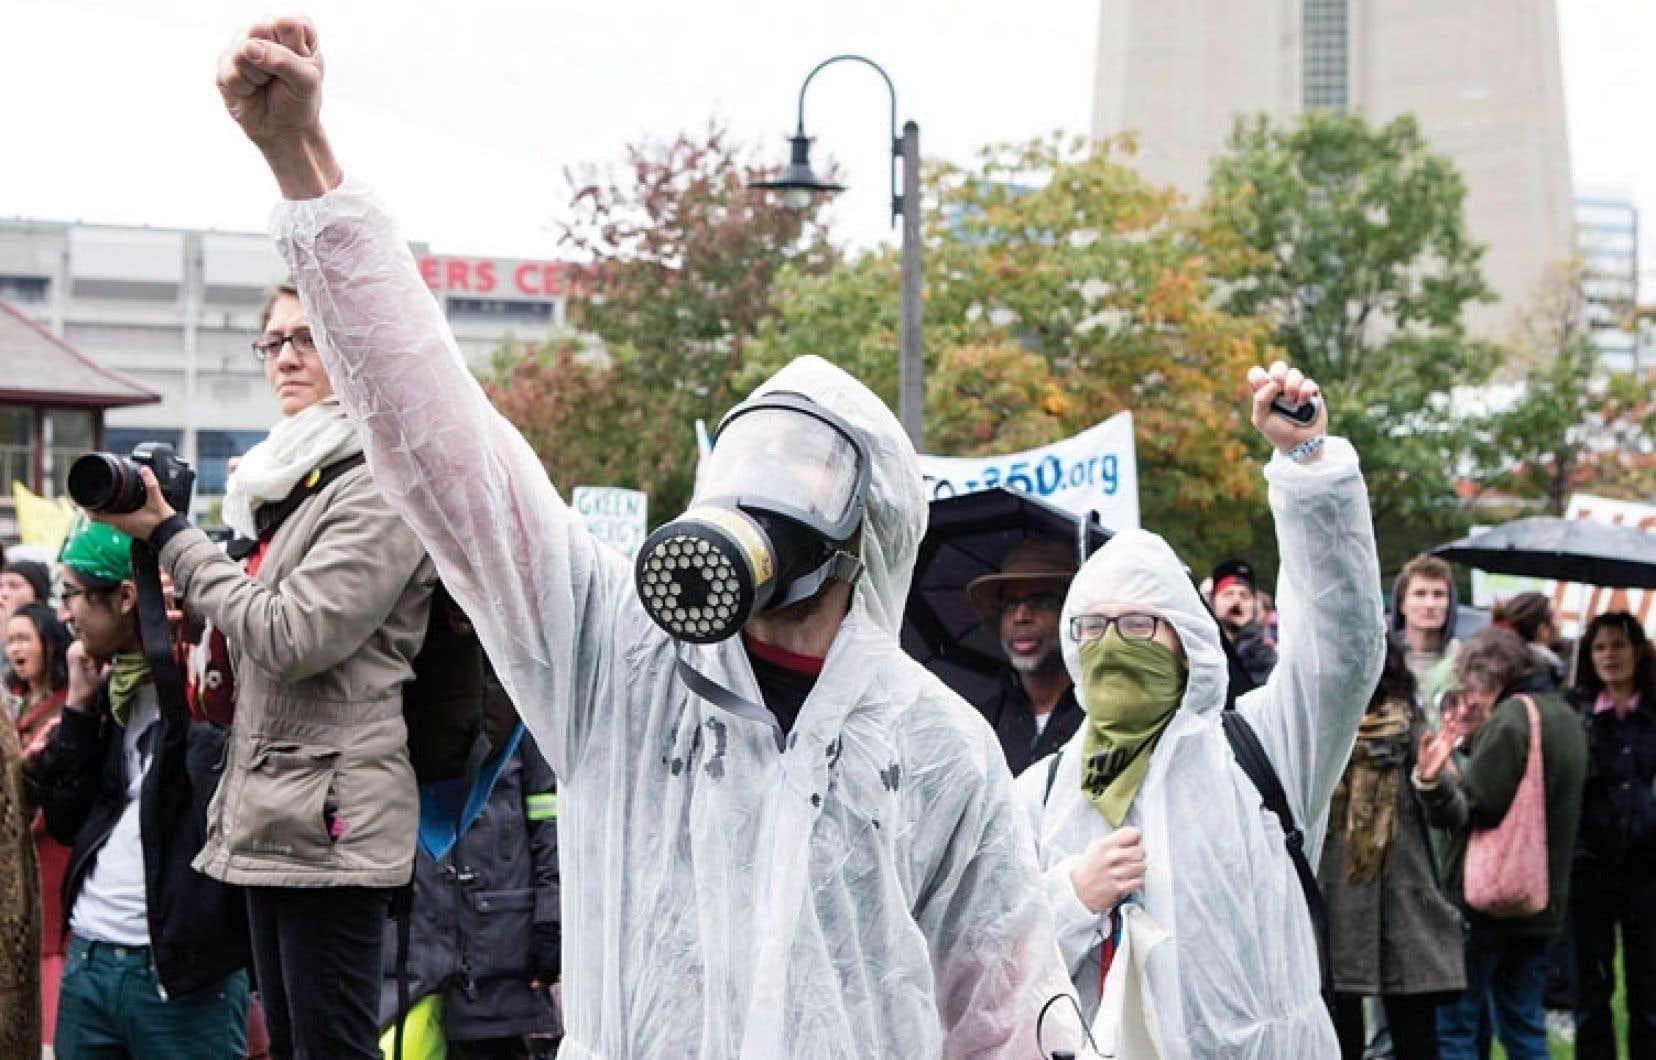 Aucune violence n'a éclaté lors du rassemblement de samedi, au centre-ville de Toronto.